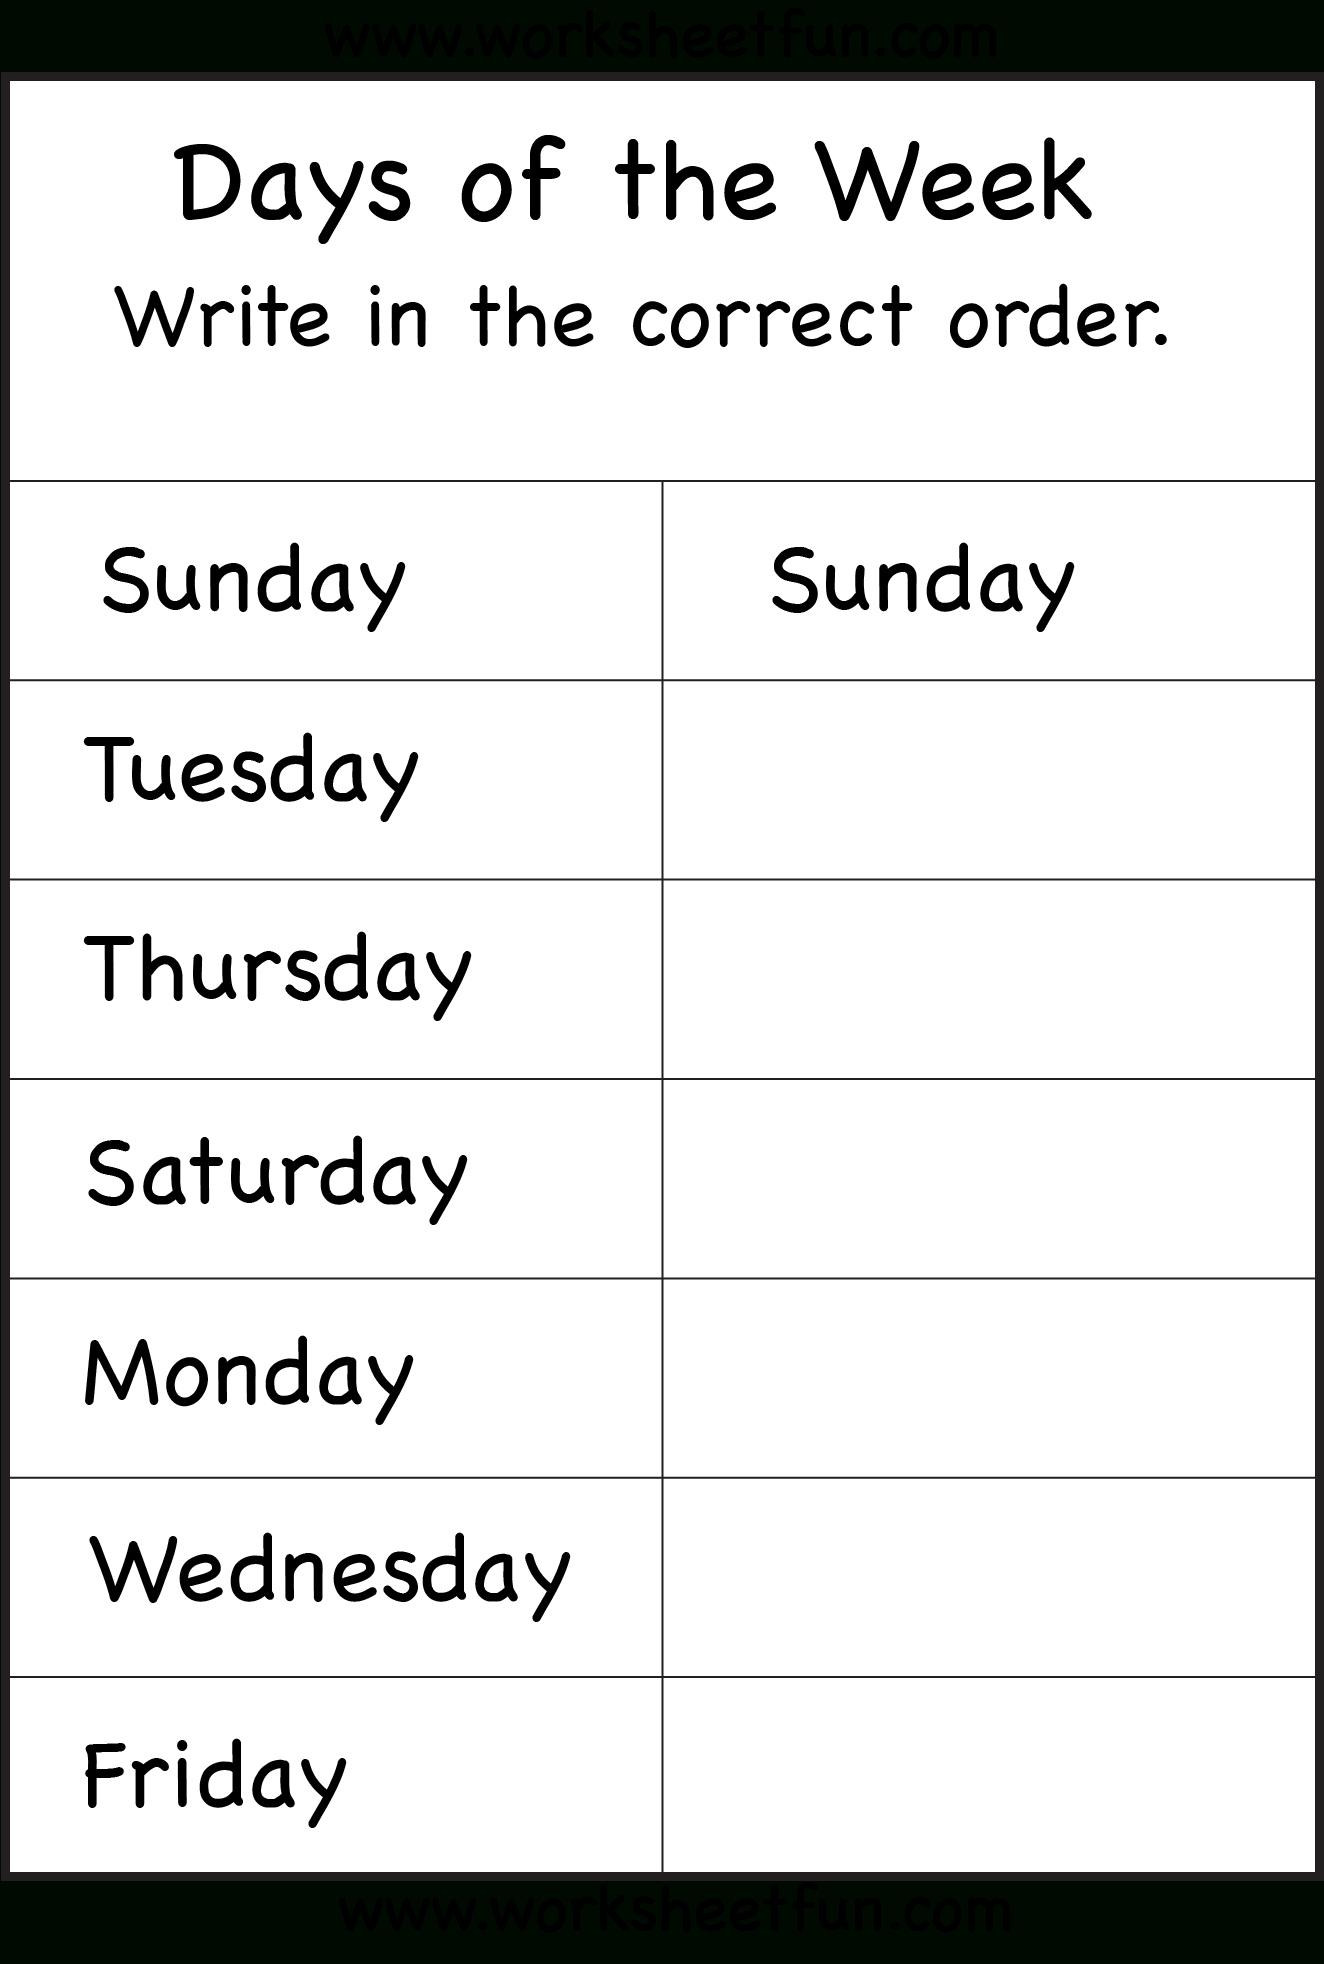 Days Of The Week Worksheet   Printable Worksheets - Free Printable Spelling Worksheets For Adults